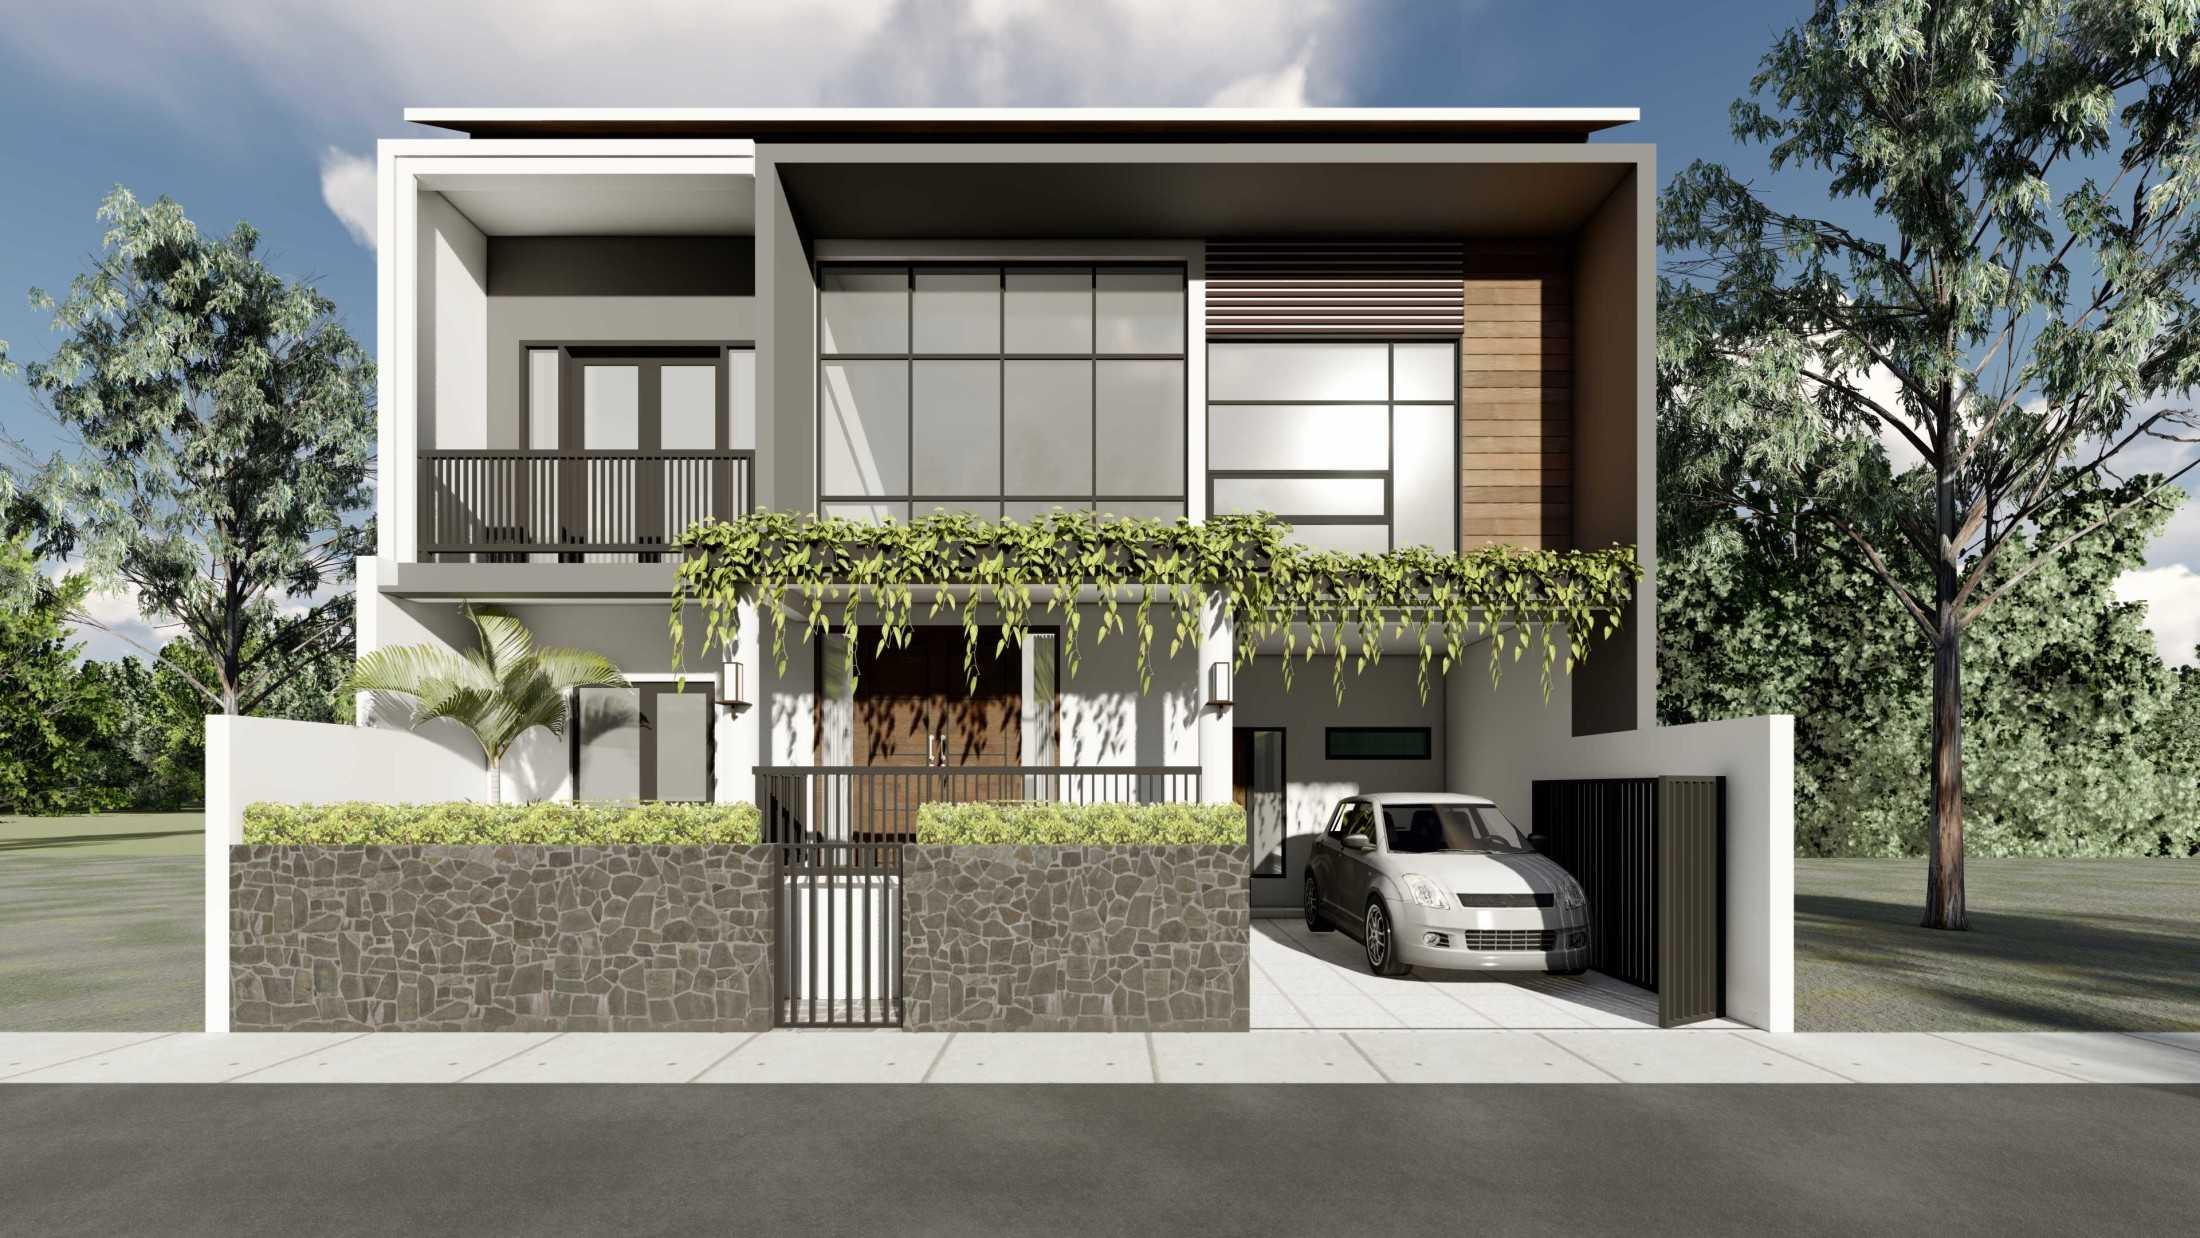 Astabumi Studio Ws House Slawi Tegal, Kota Tegal, Jawa Tengah, Indonesia Padang Cv-Astabumi-Manunggal-Prakarsa-Rumah-2-Lantai-Modern-Lokal  119350